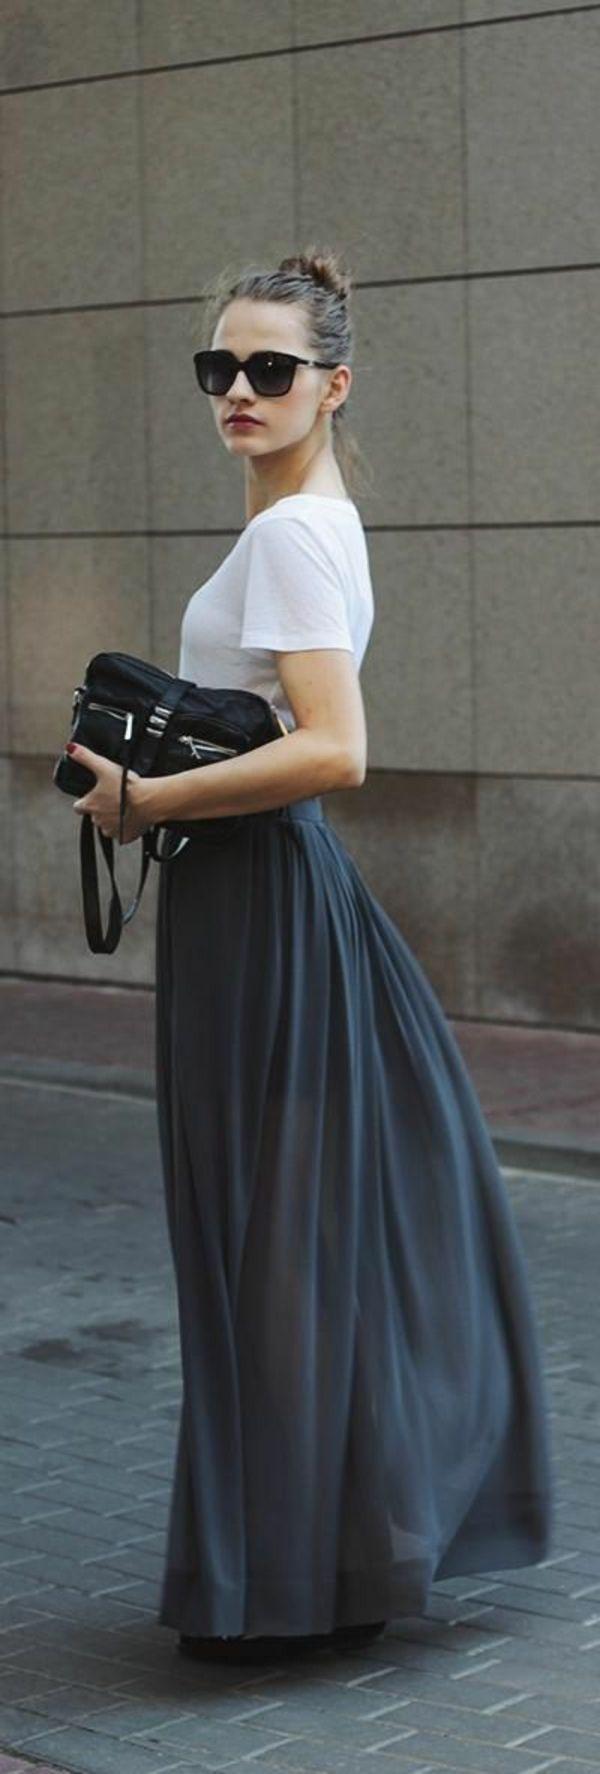 comment on peut avoir un air sportif avec une jupe longue